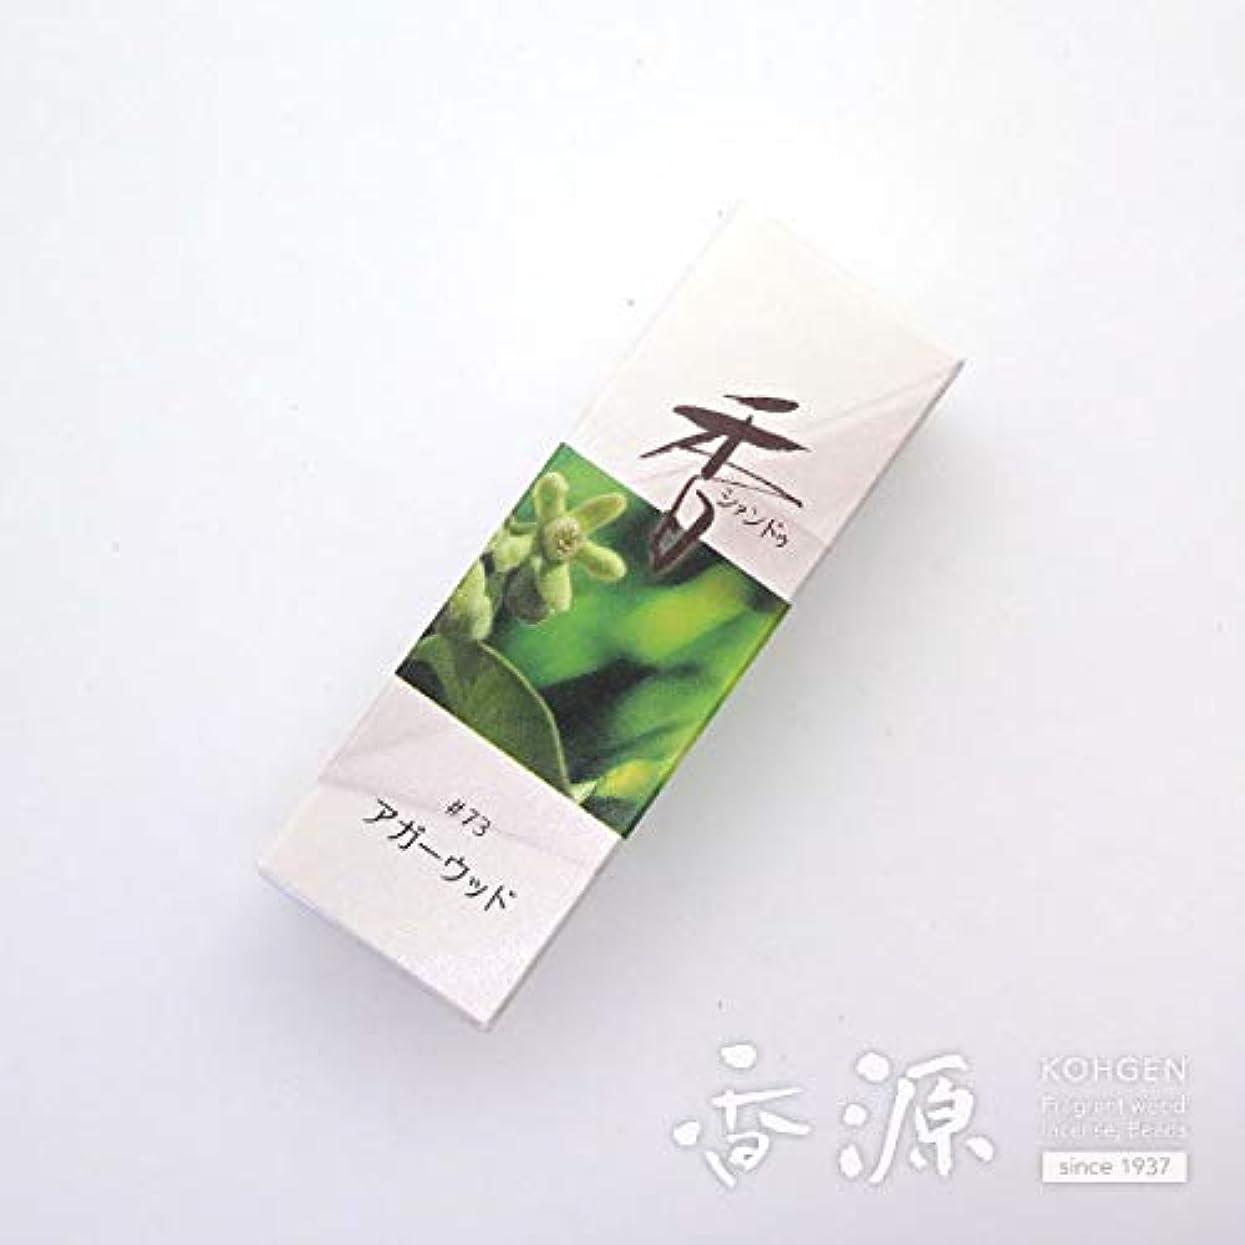 犯すアクション導体松栄堂のお香 Xiang Do(シャンドゥ) アガーウッド ST20本入 簡易香立付 #214273